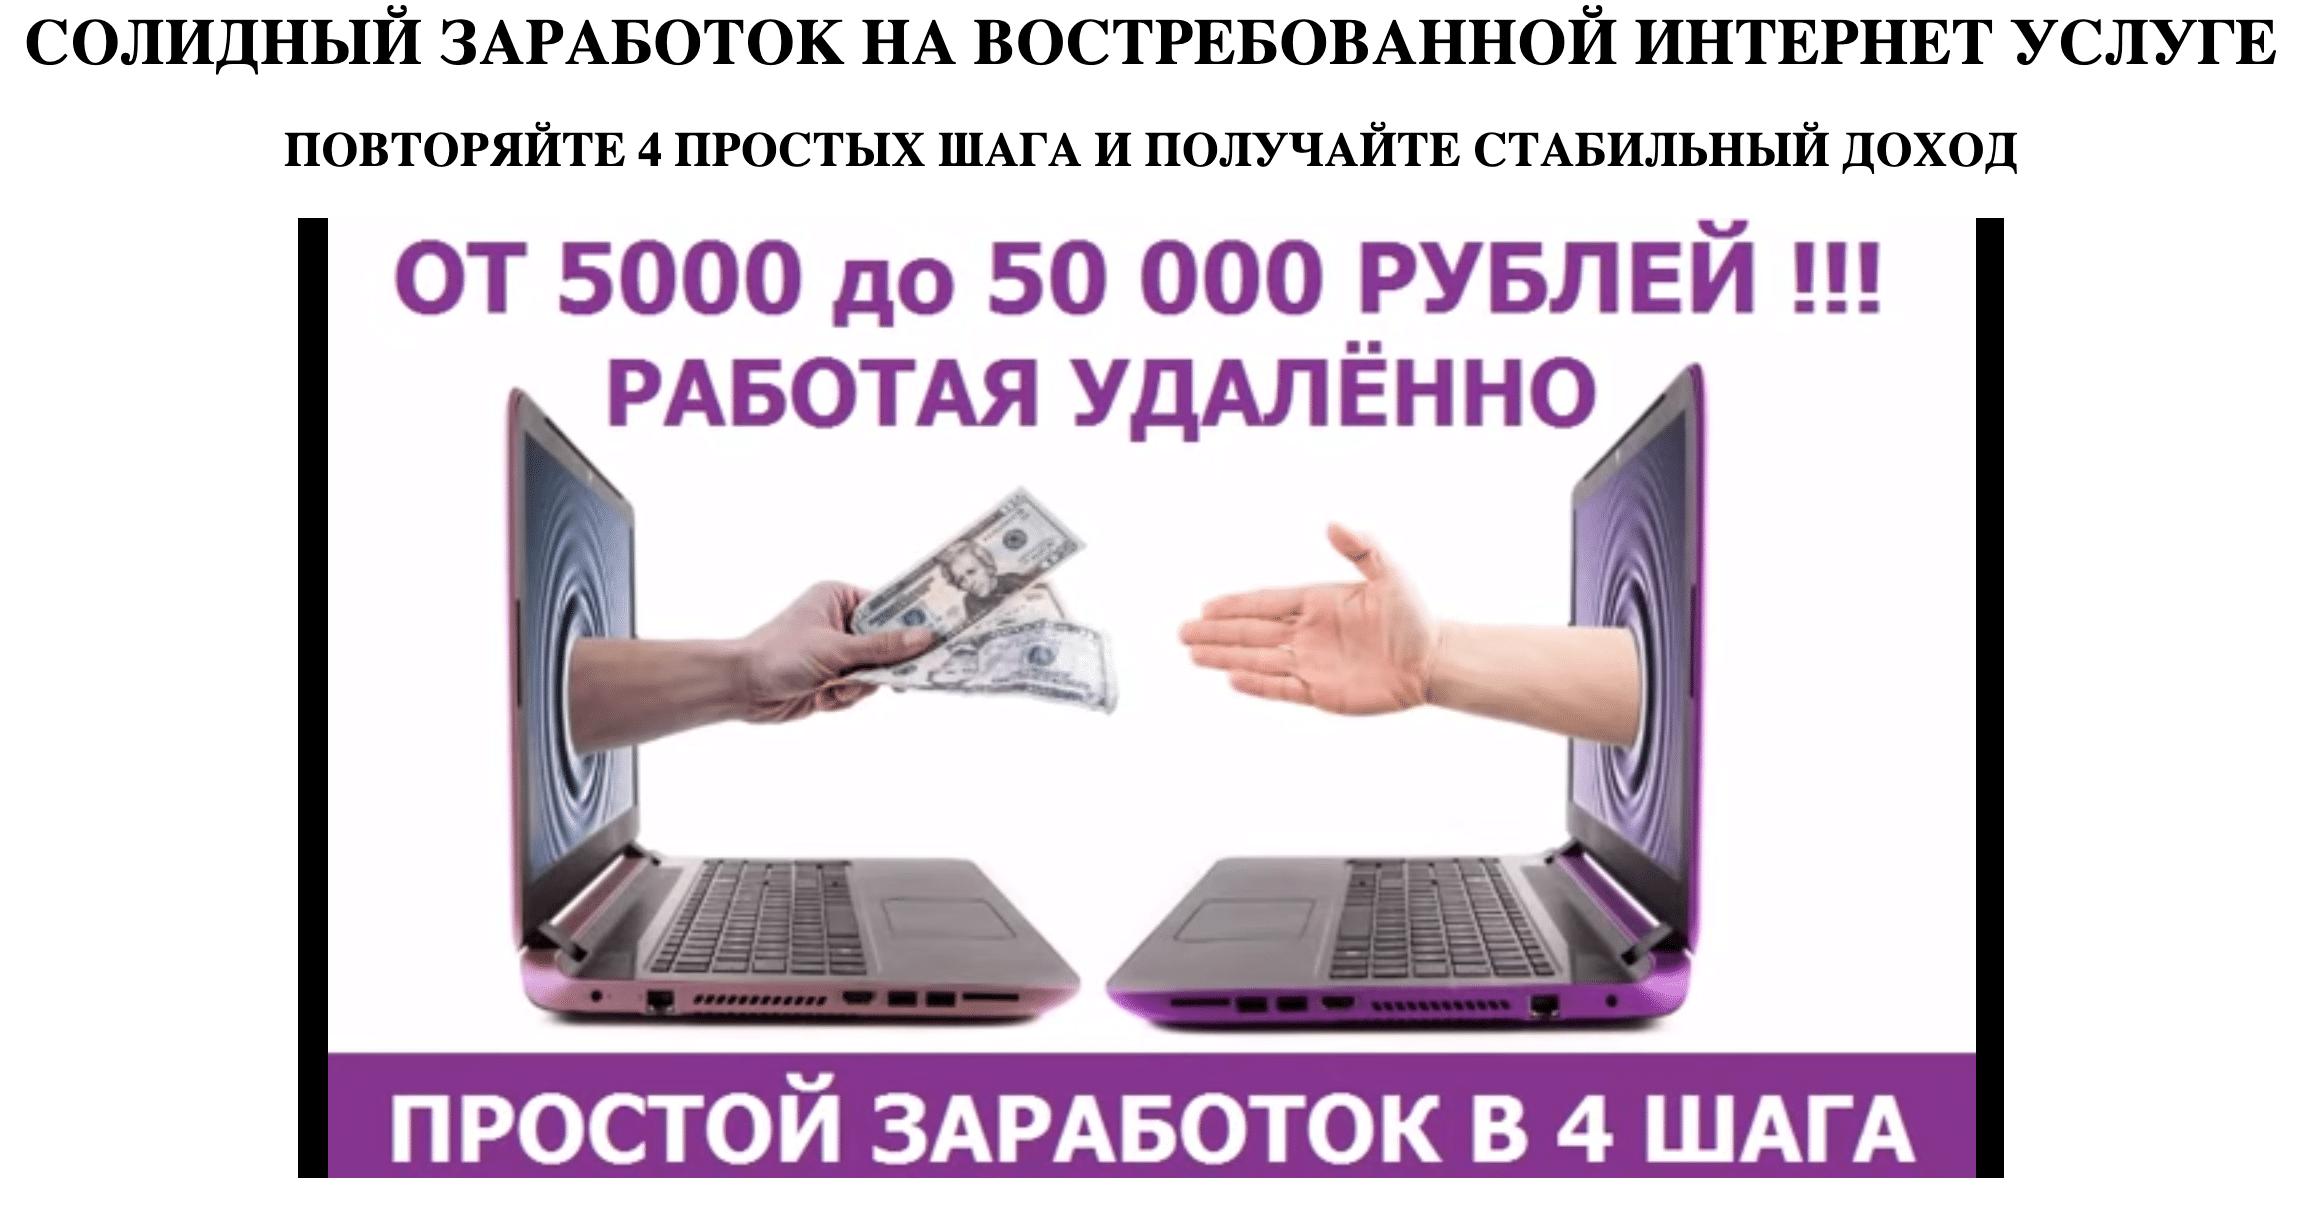 солидный заработок на востребованной интернет услуге